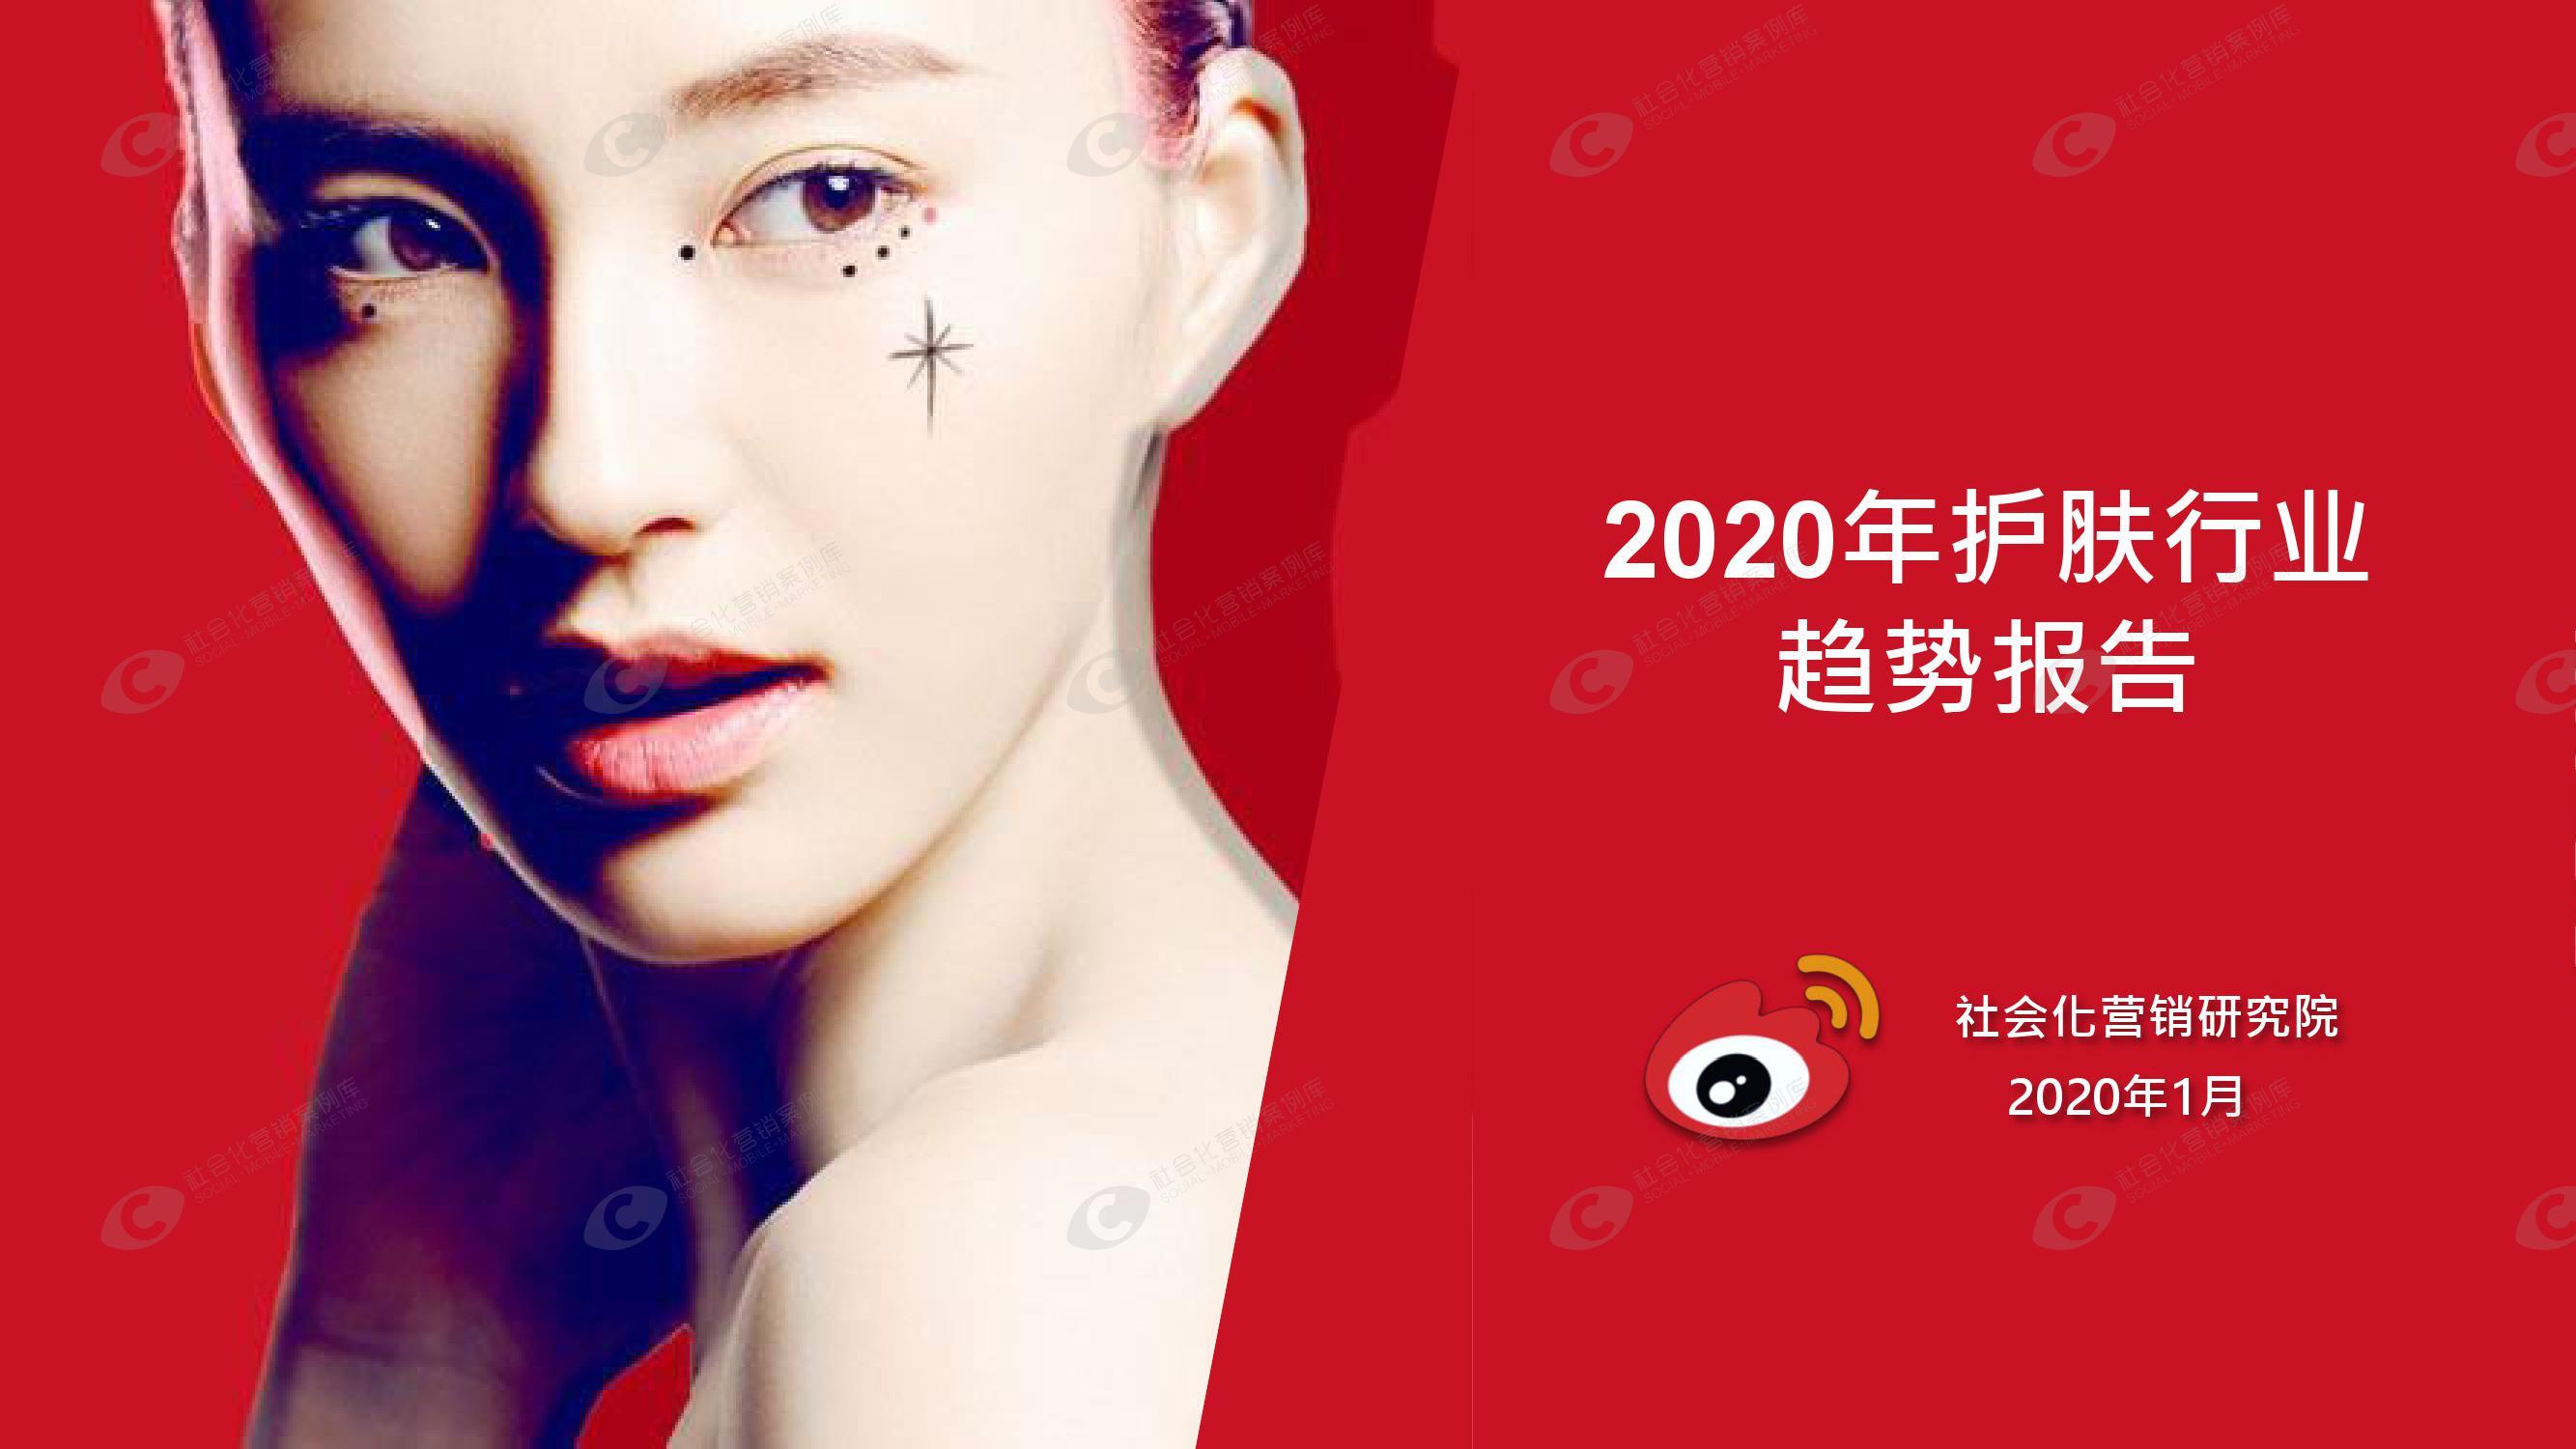 微博社会化营销:2020护肤行业趋势研究白皮书(附下载)